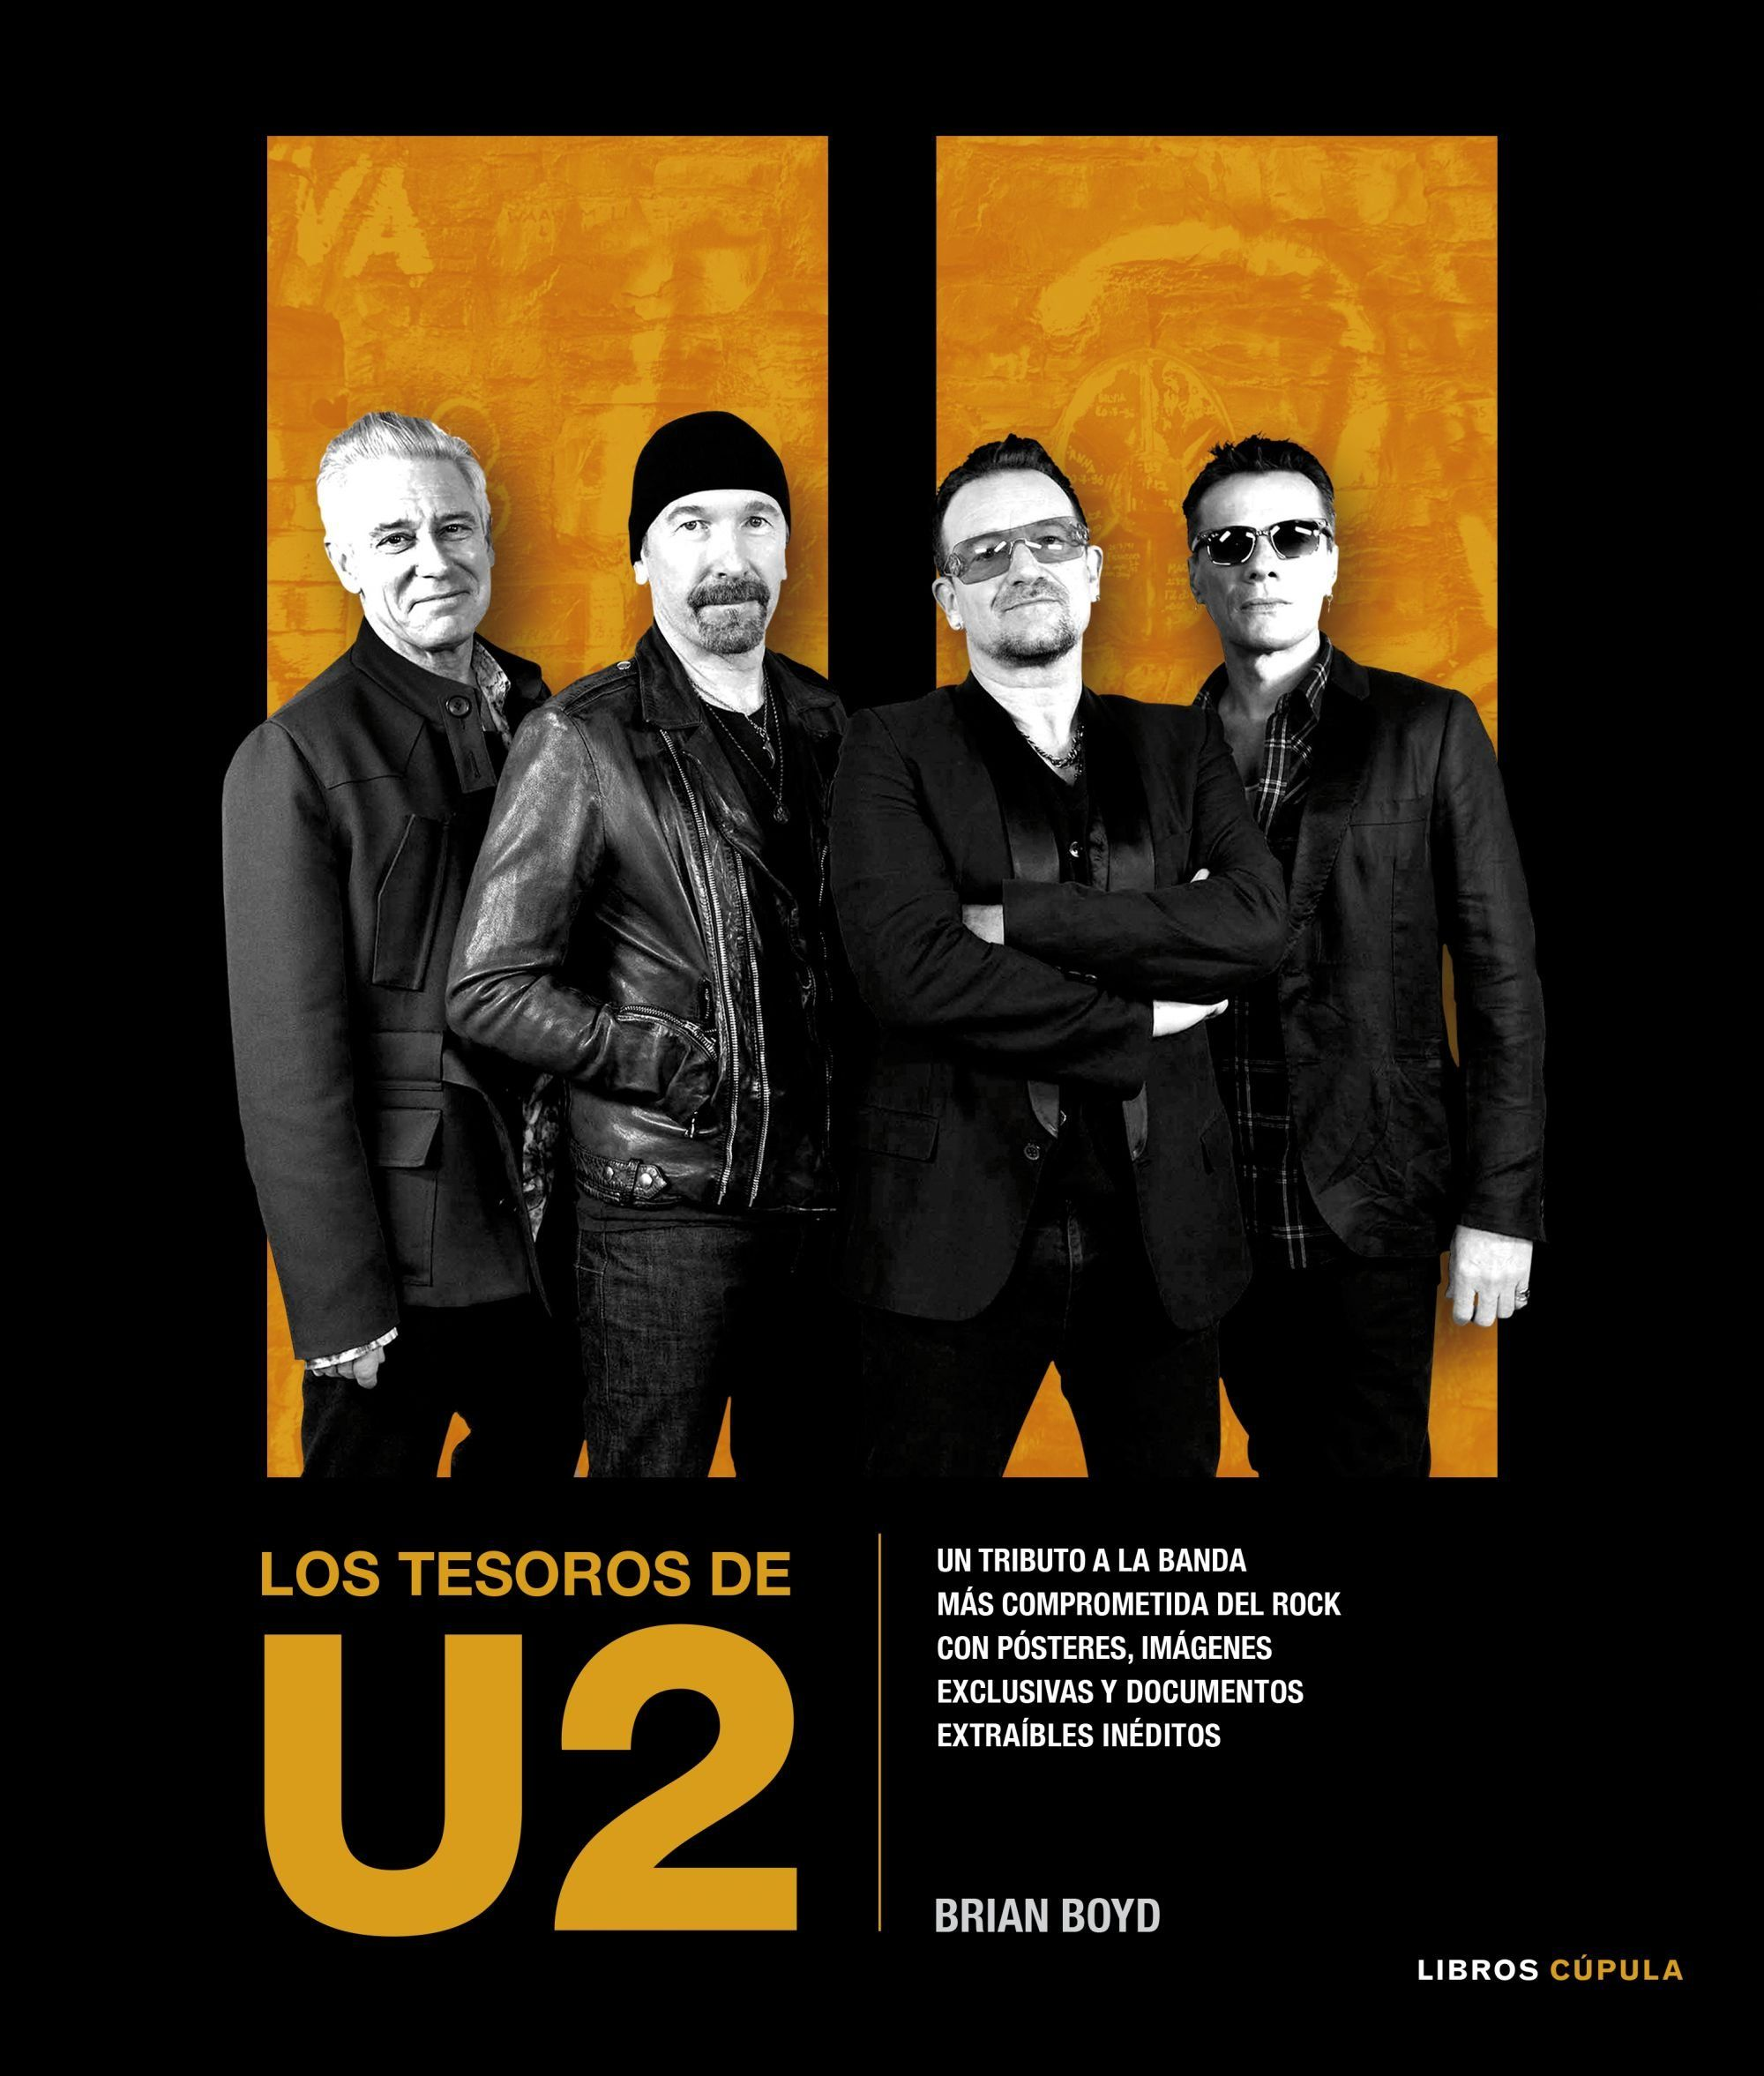 Los tesoros de U2 (M¨²sica y cine) #de, #tesoros, #Los